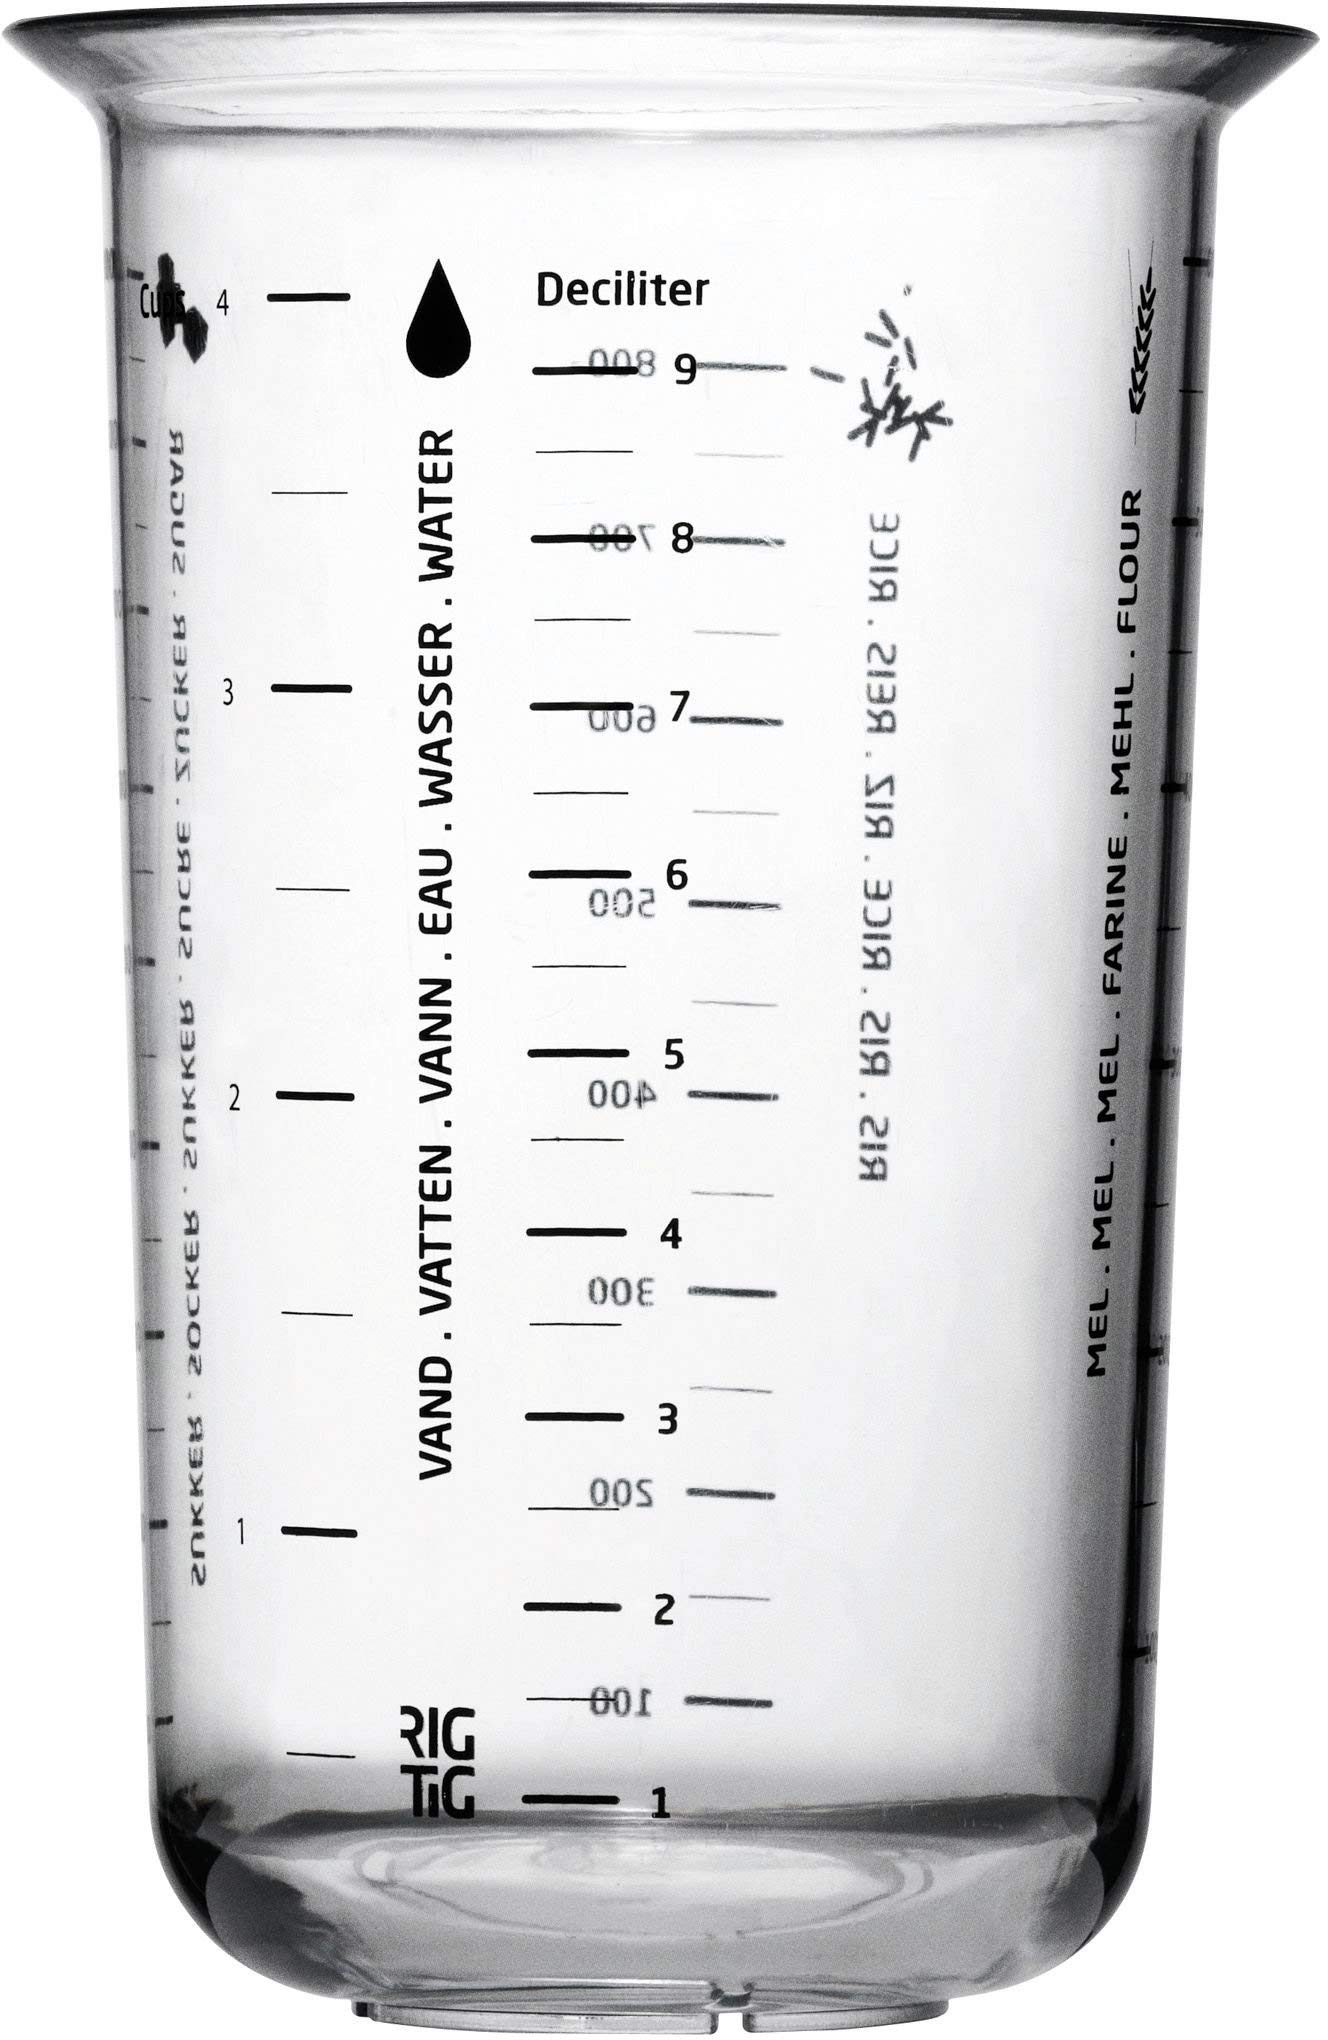 RIG TIG by Stelton Z00203 - Vaso de medir (1 L) product image